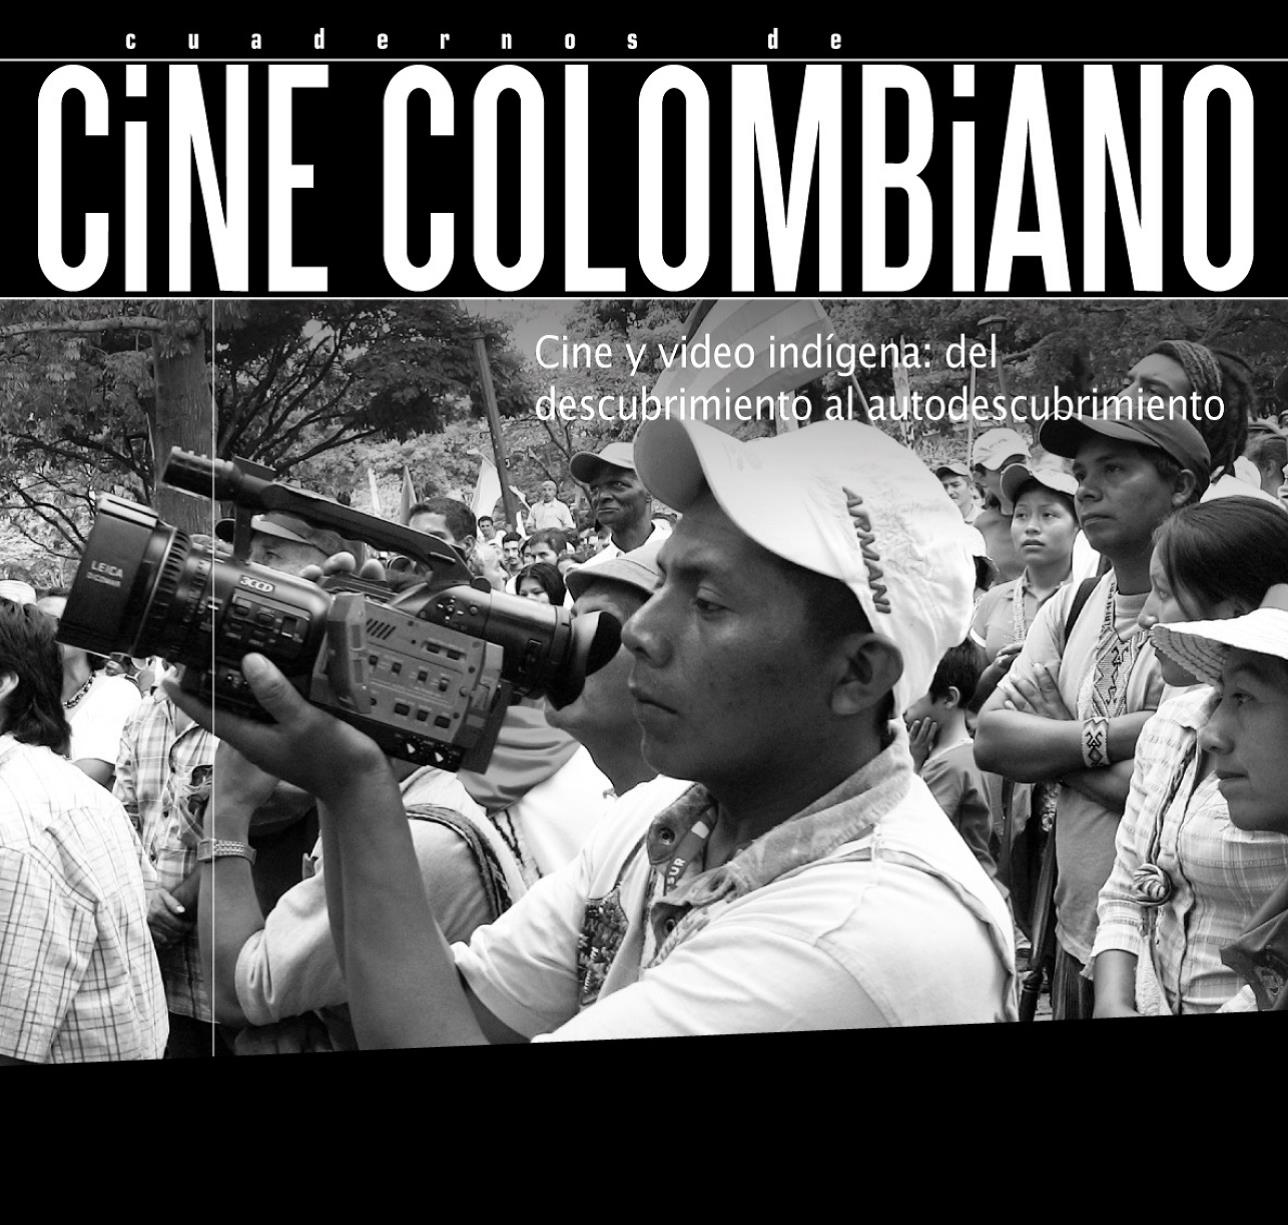 Imagen de apoyo de  Cuadernos de cine colombiano No. 17B: Cine y video indígena del descubrimiento al autodescubrimiento (2012)